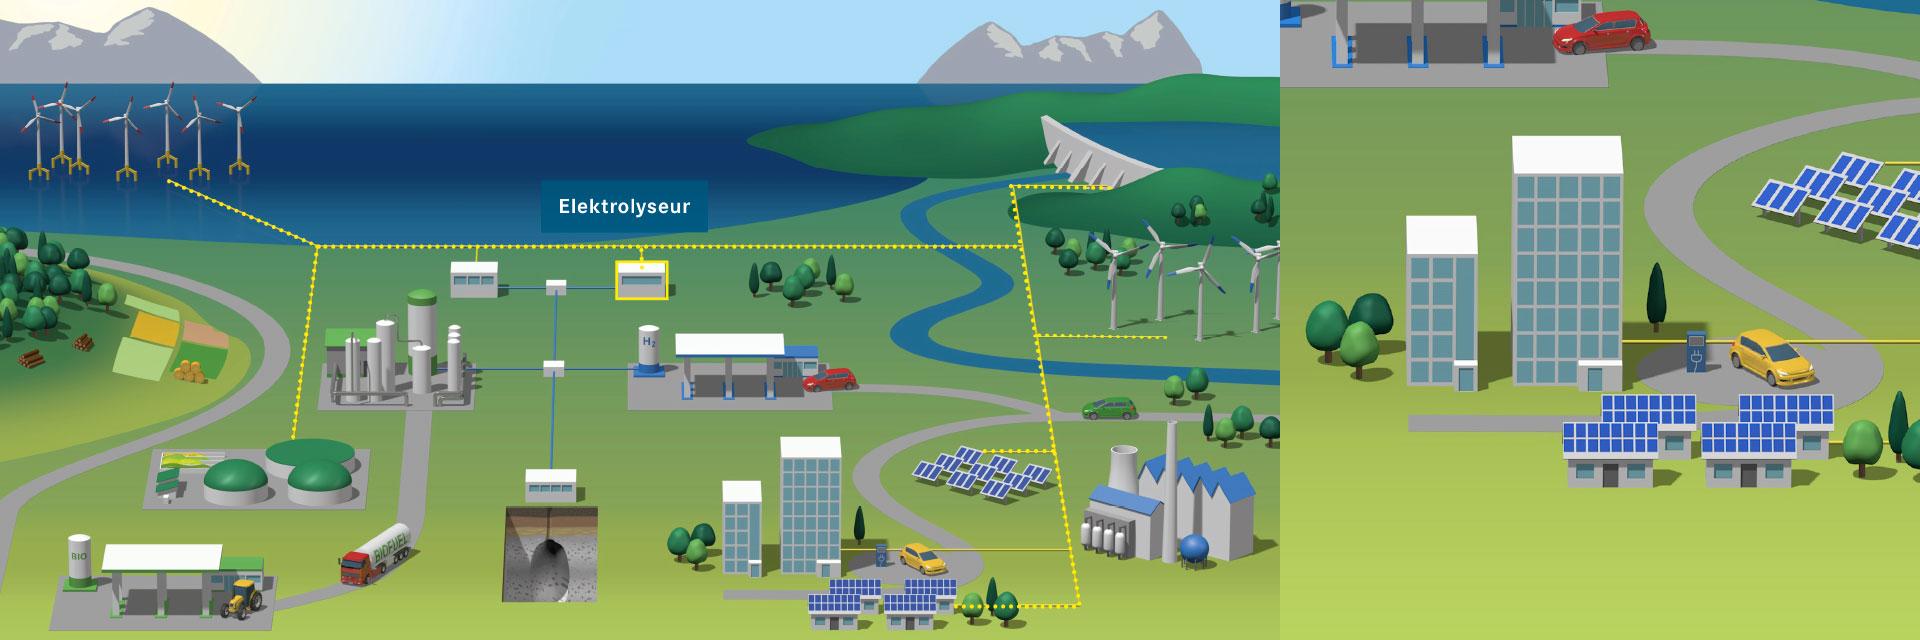 """Projekte: Messefilm """"Energiesystem 2050"""" - komplexe Vorgänge des Energiesystems wurden übersichtlich aufbereitet"""